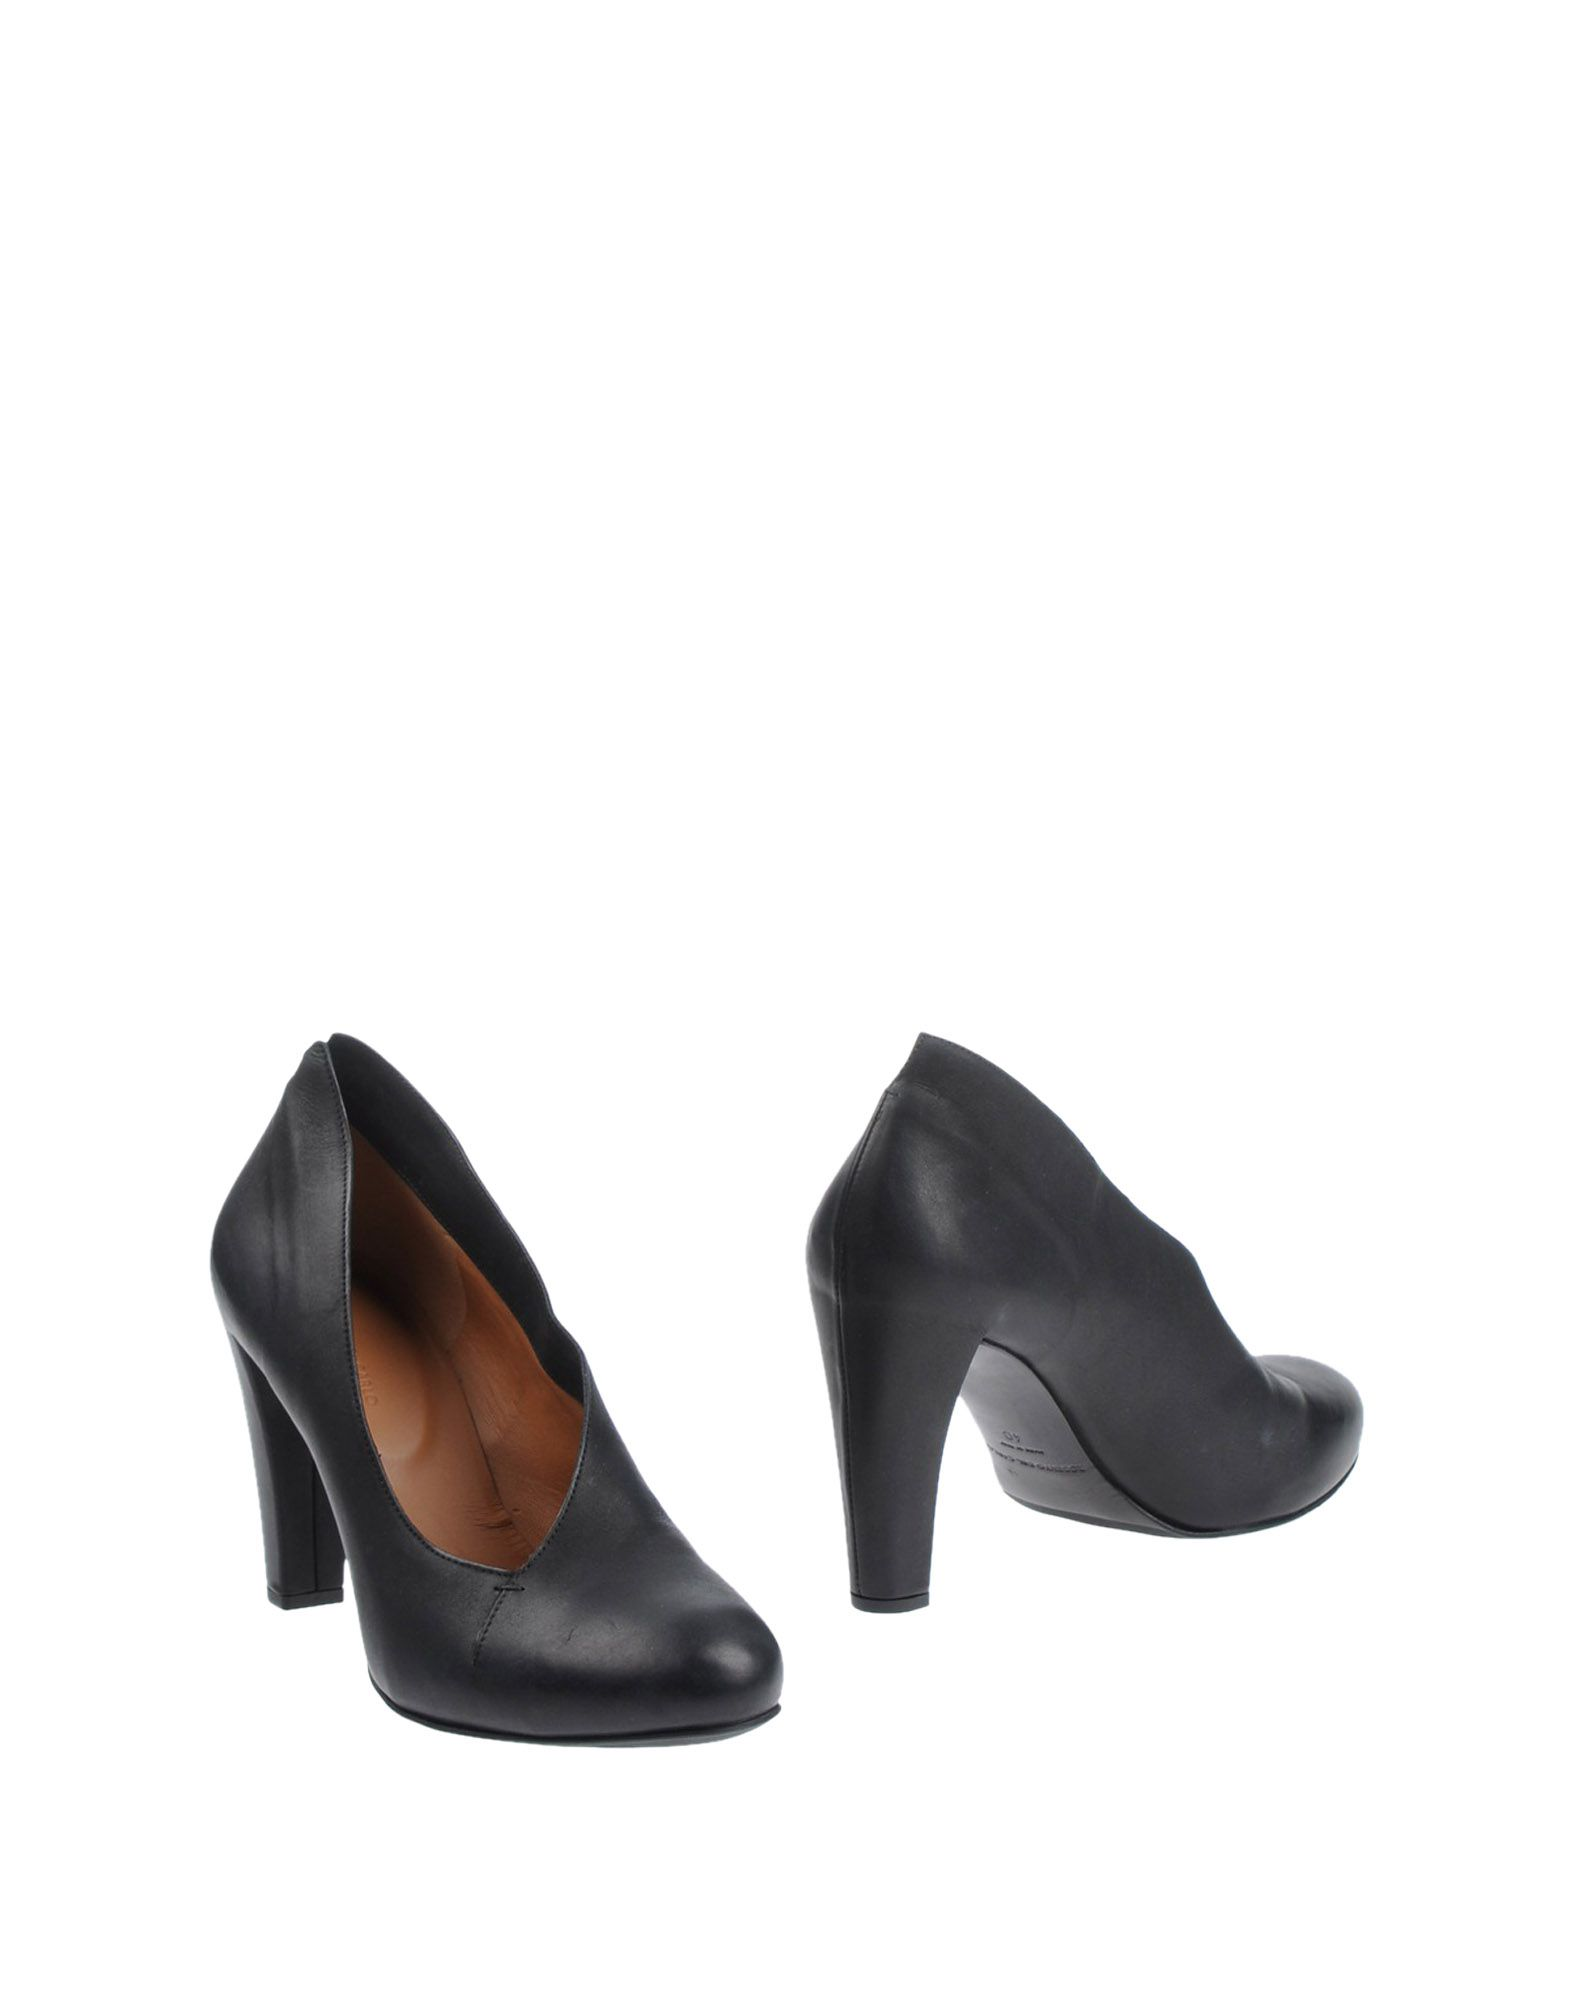 Rabatt Schuhe Roberto Del Carlo Stiefelette Damen  11341129QB